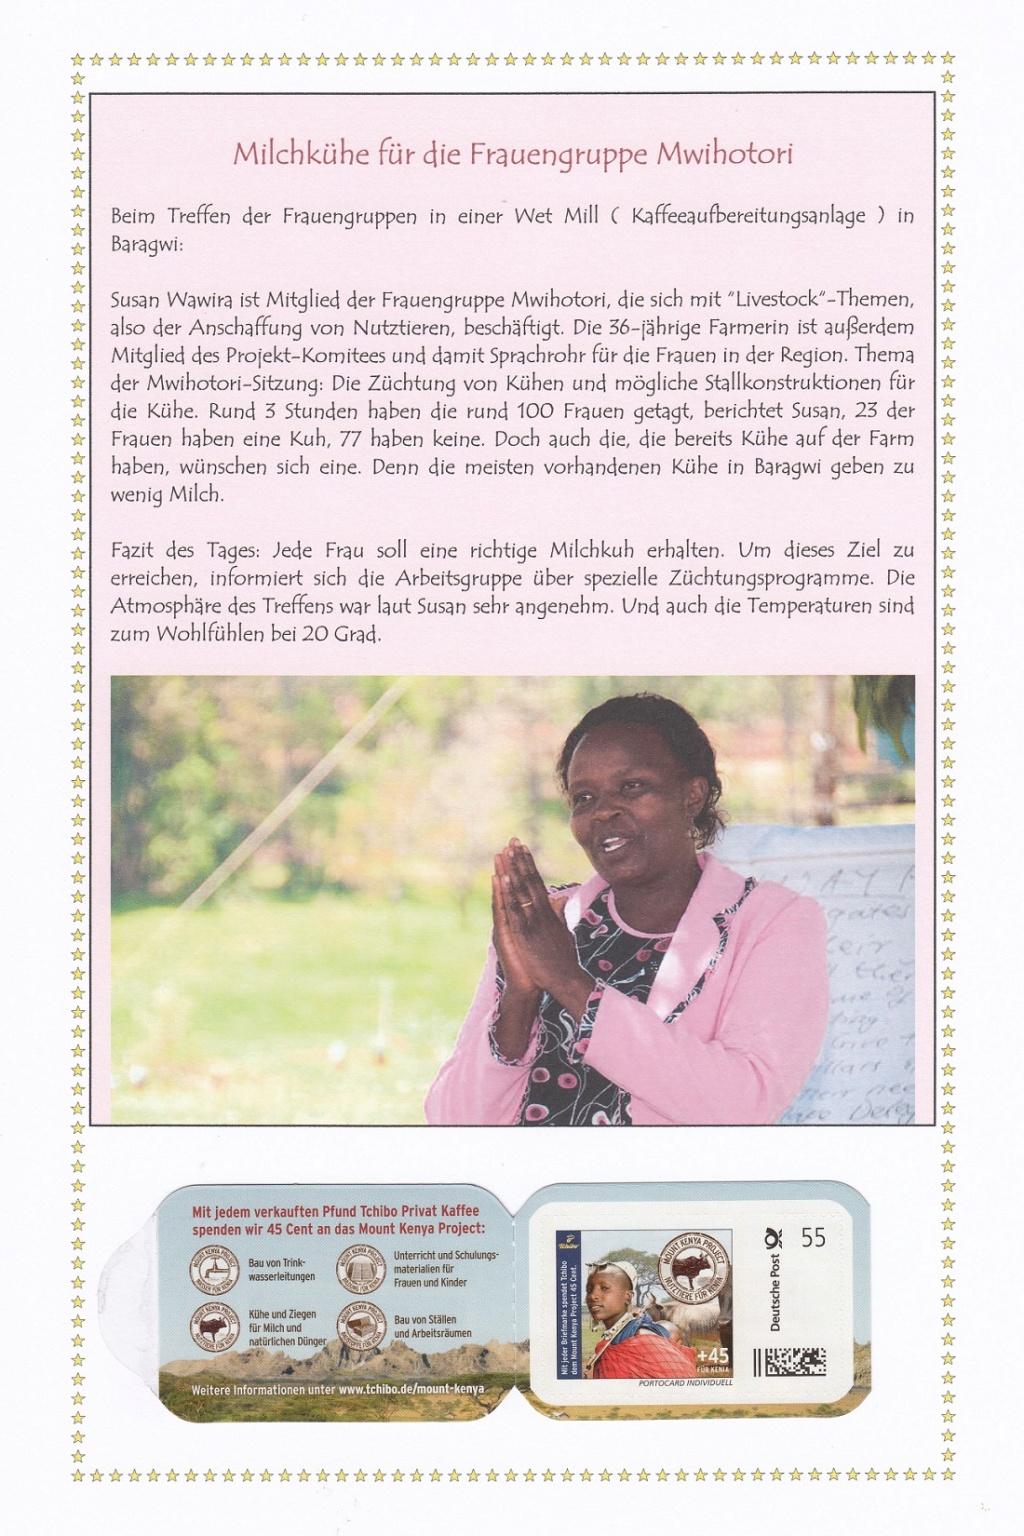 Das Tschibo-Projekt am Mount-Kenya Tsch810